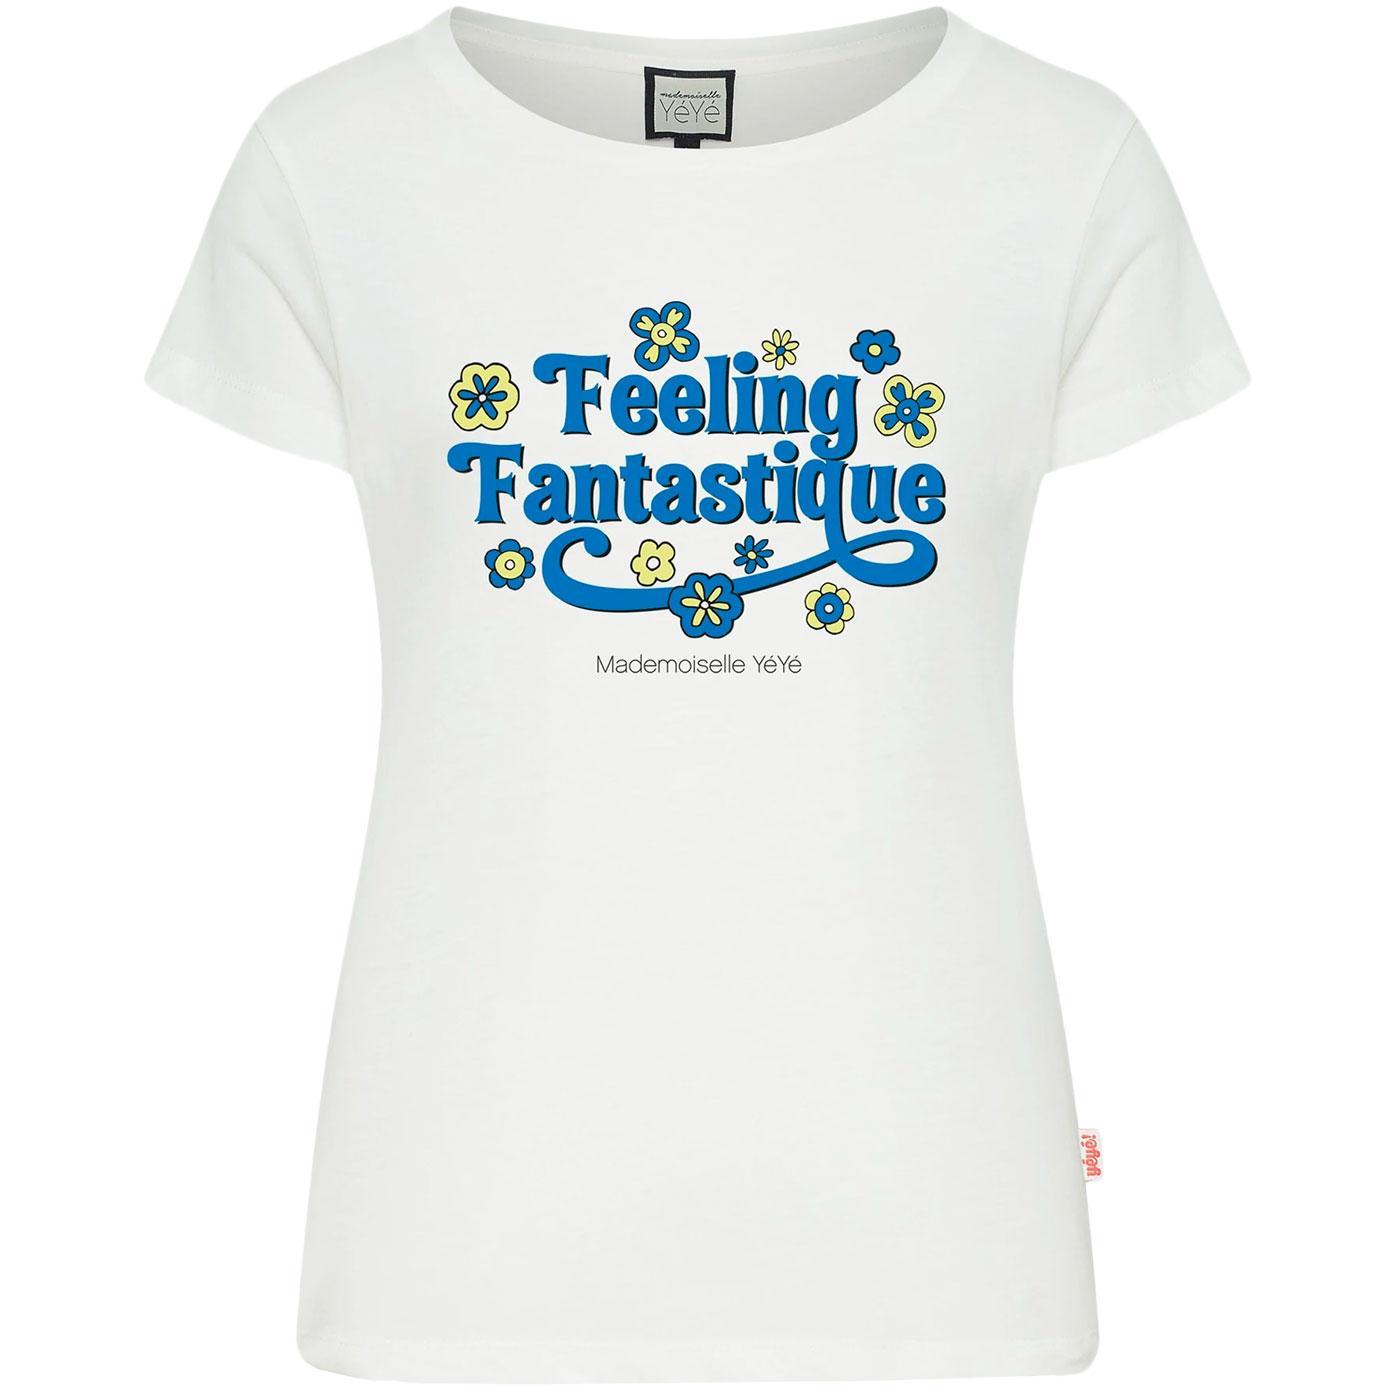 Feeling Fantastique! MADEMOISELLE YEYE Retro Tee E